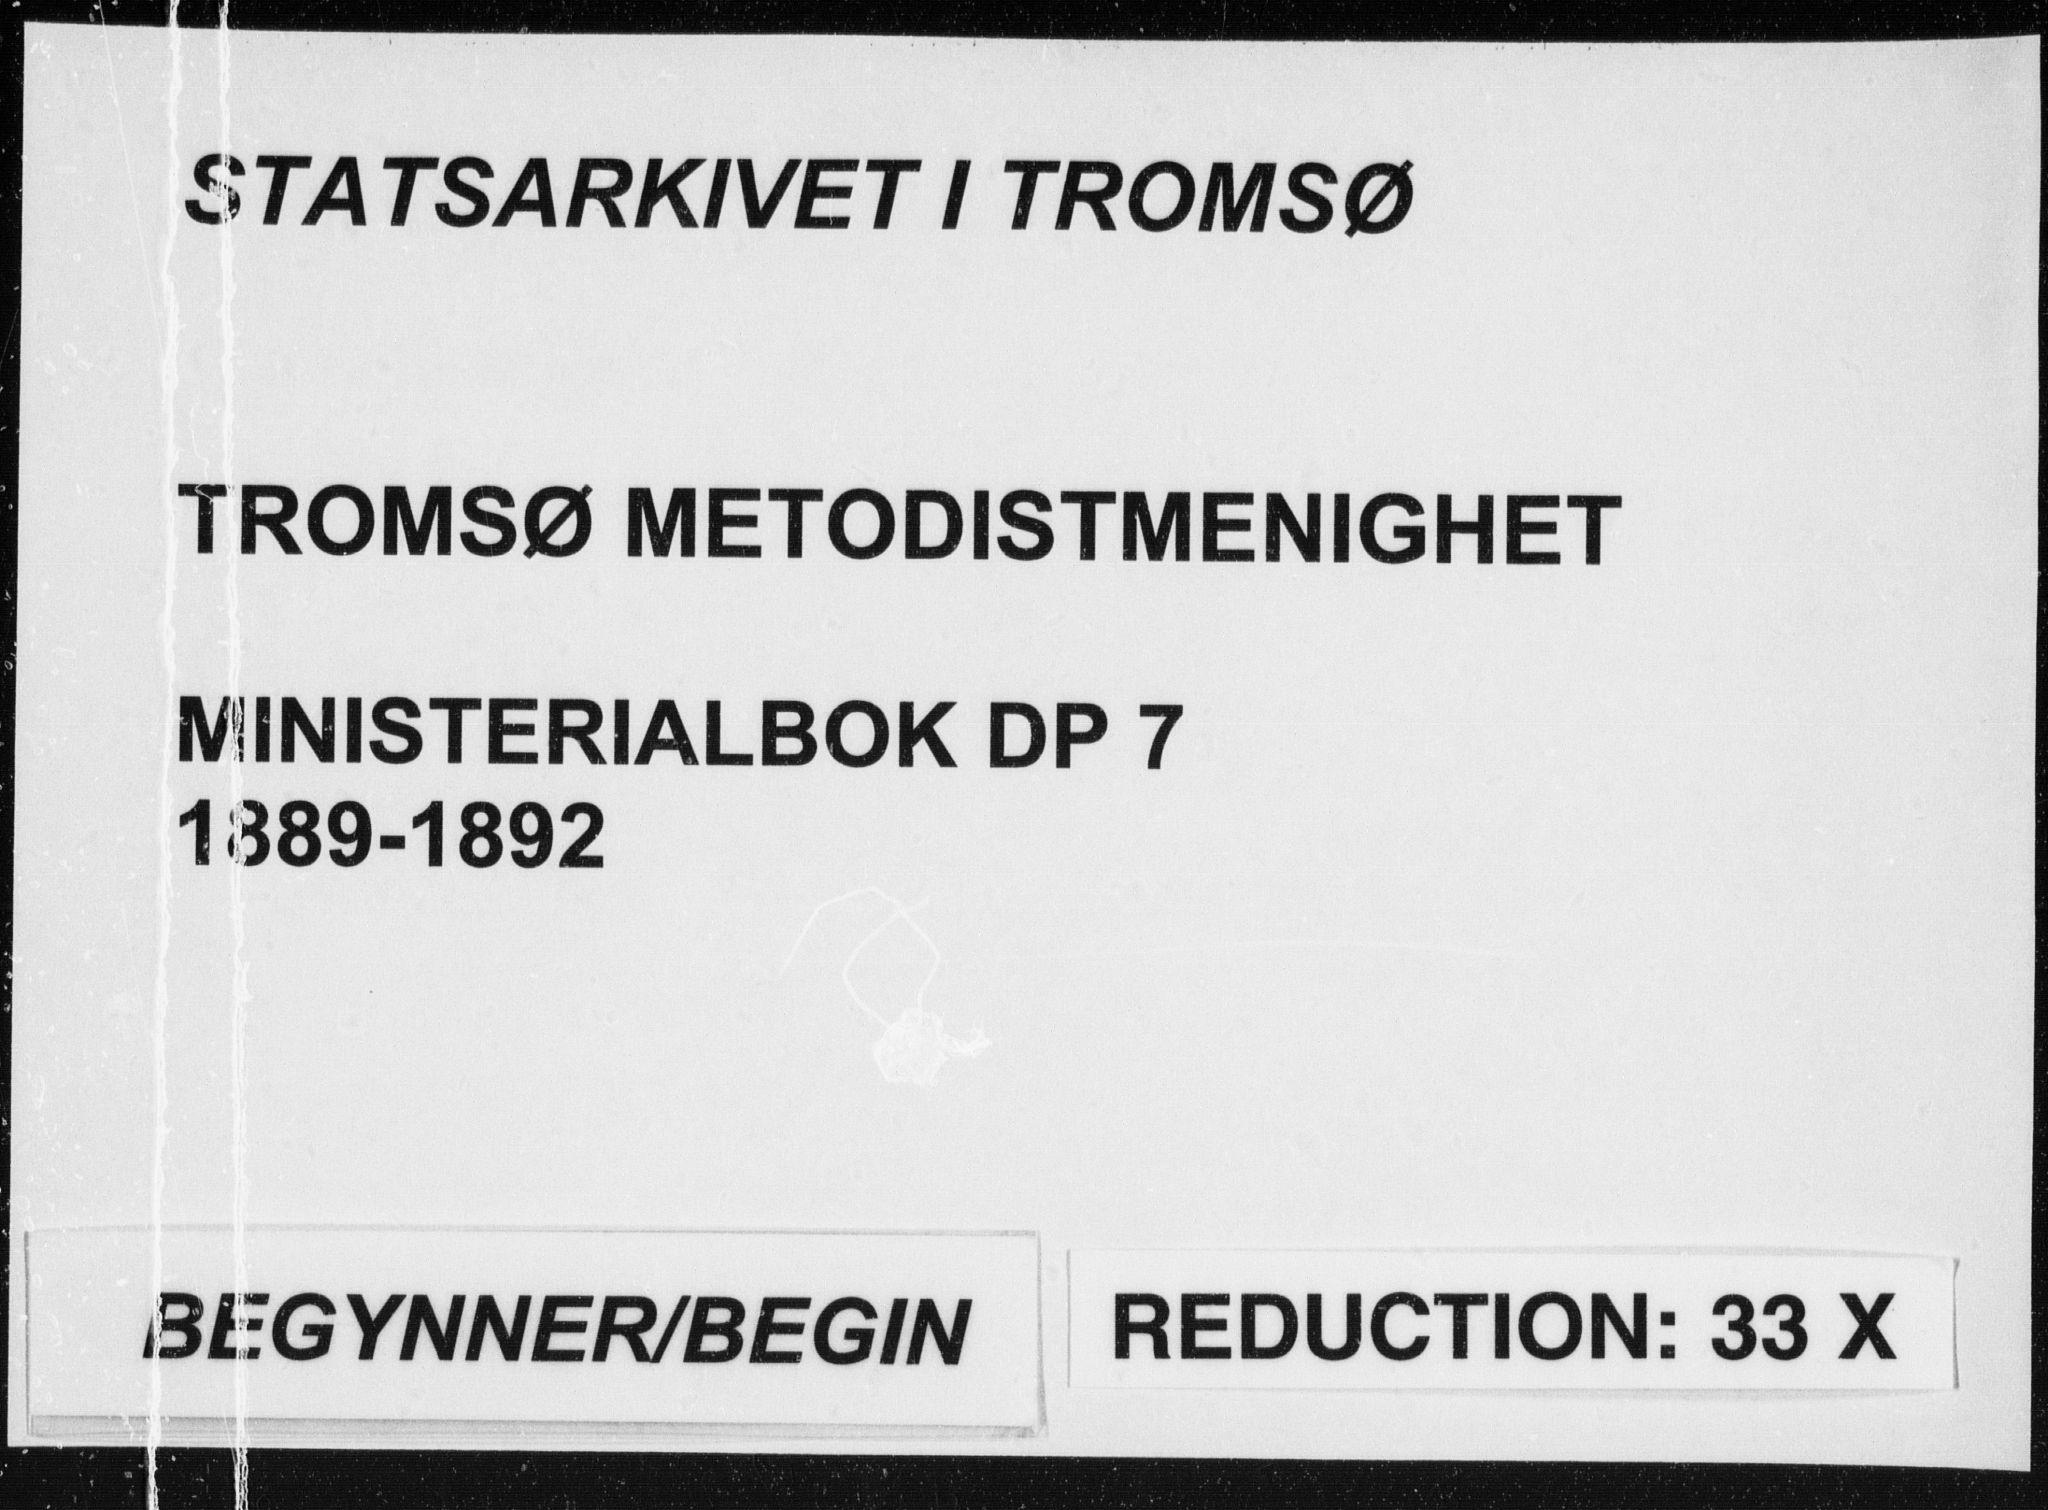 SATØ, Uten arkivreferanse, Dissenterprotokoll nr. DP 7, 1889-1892